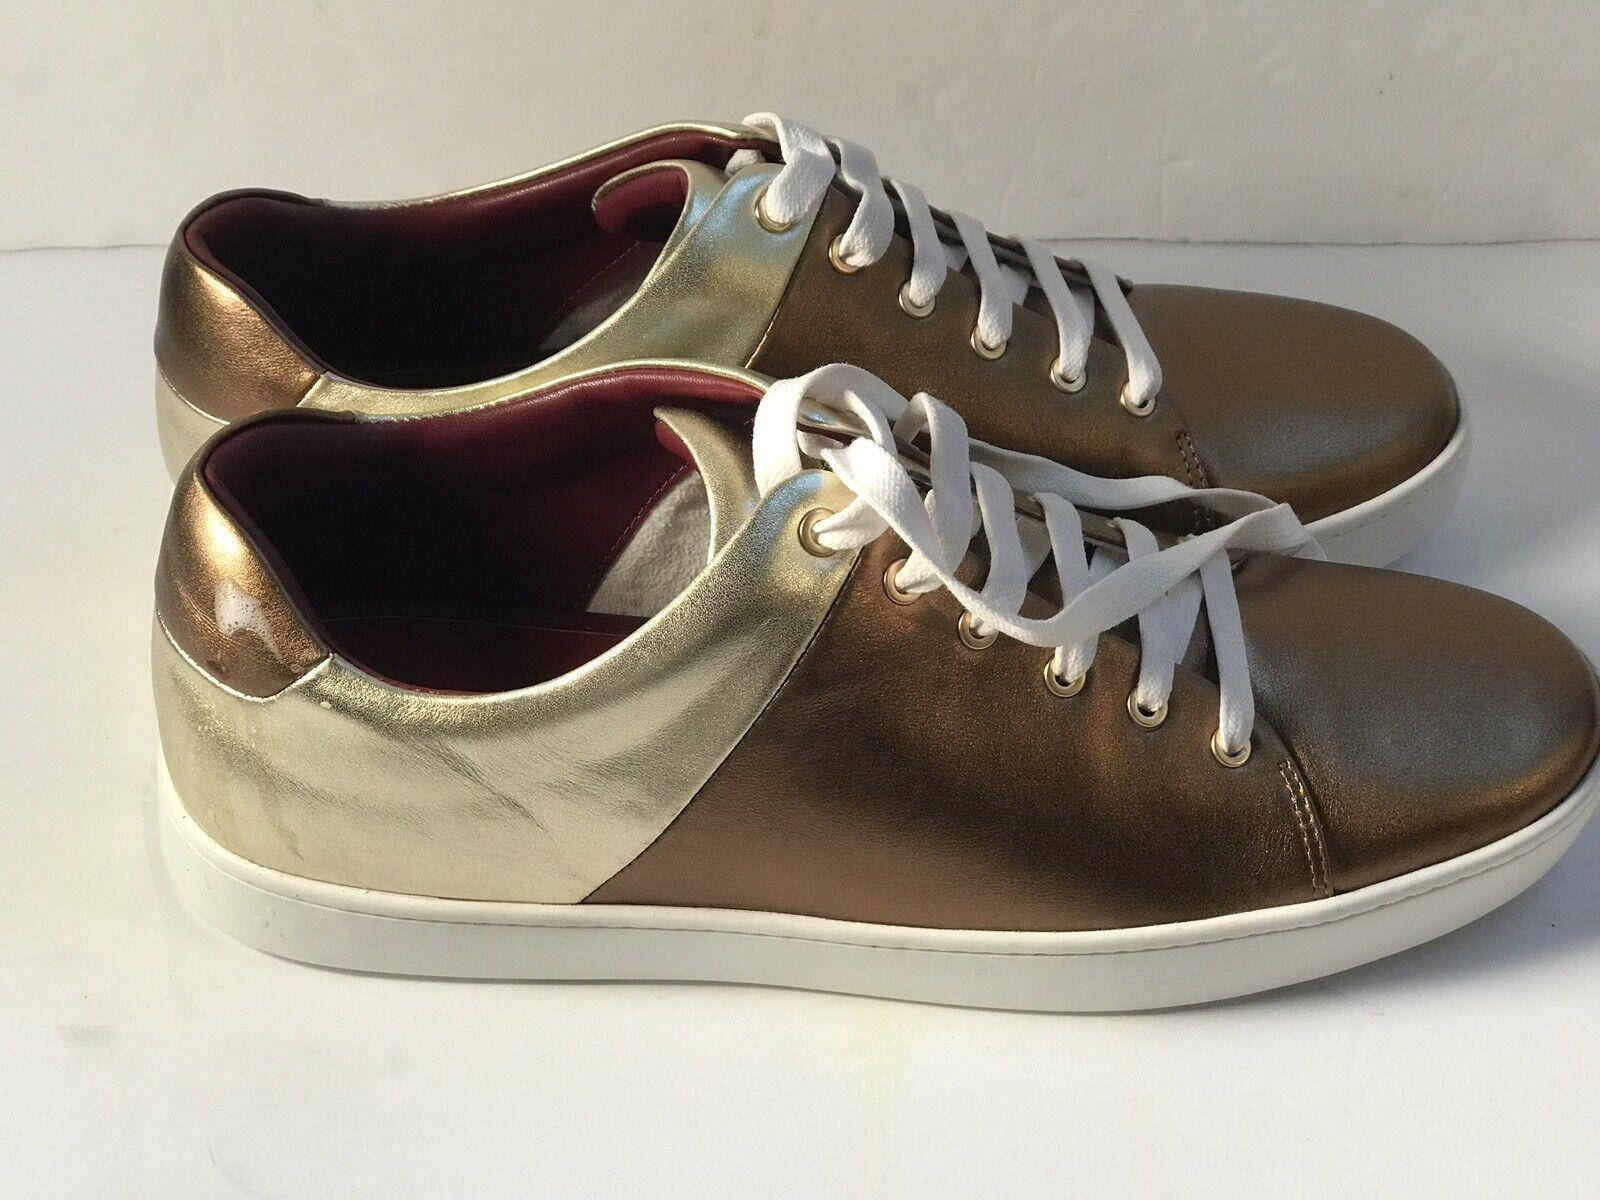 Mujeres Zapatos Tenis de presa nuevo zapatos oro Marrón Metálico Con Cordones